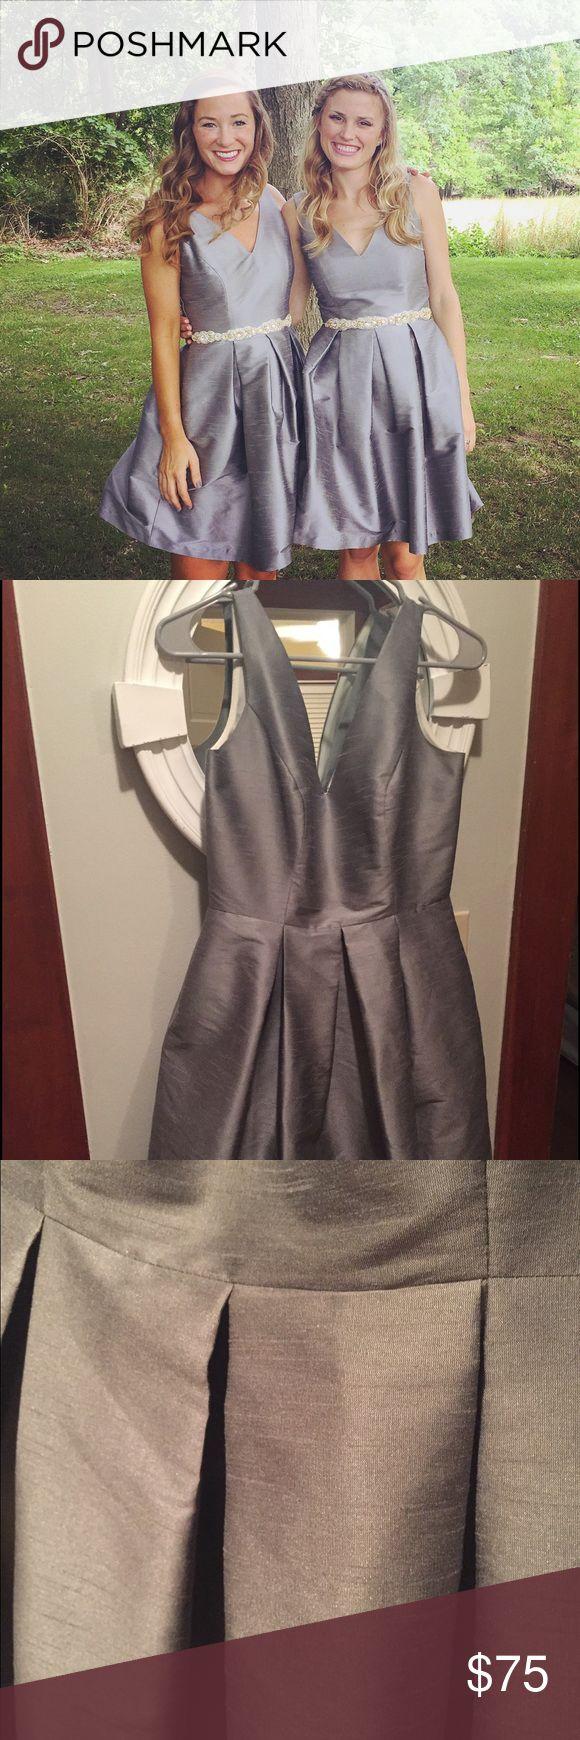 The 25 best lula kate ideas on pinterest homemade wedding light gray silk bridesmaidwedding guest dress ombrellifo Gallery